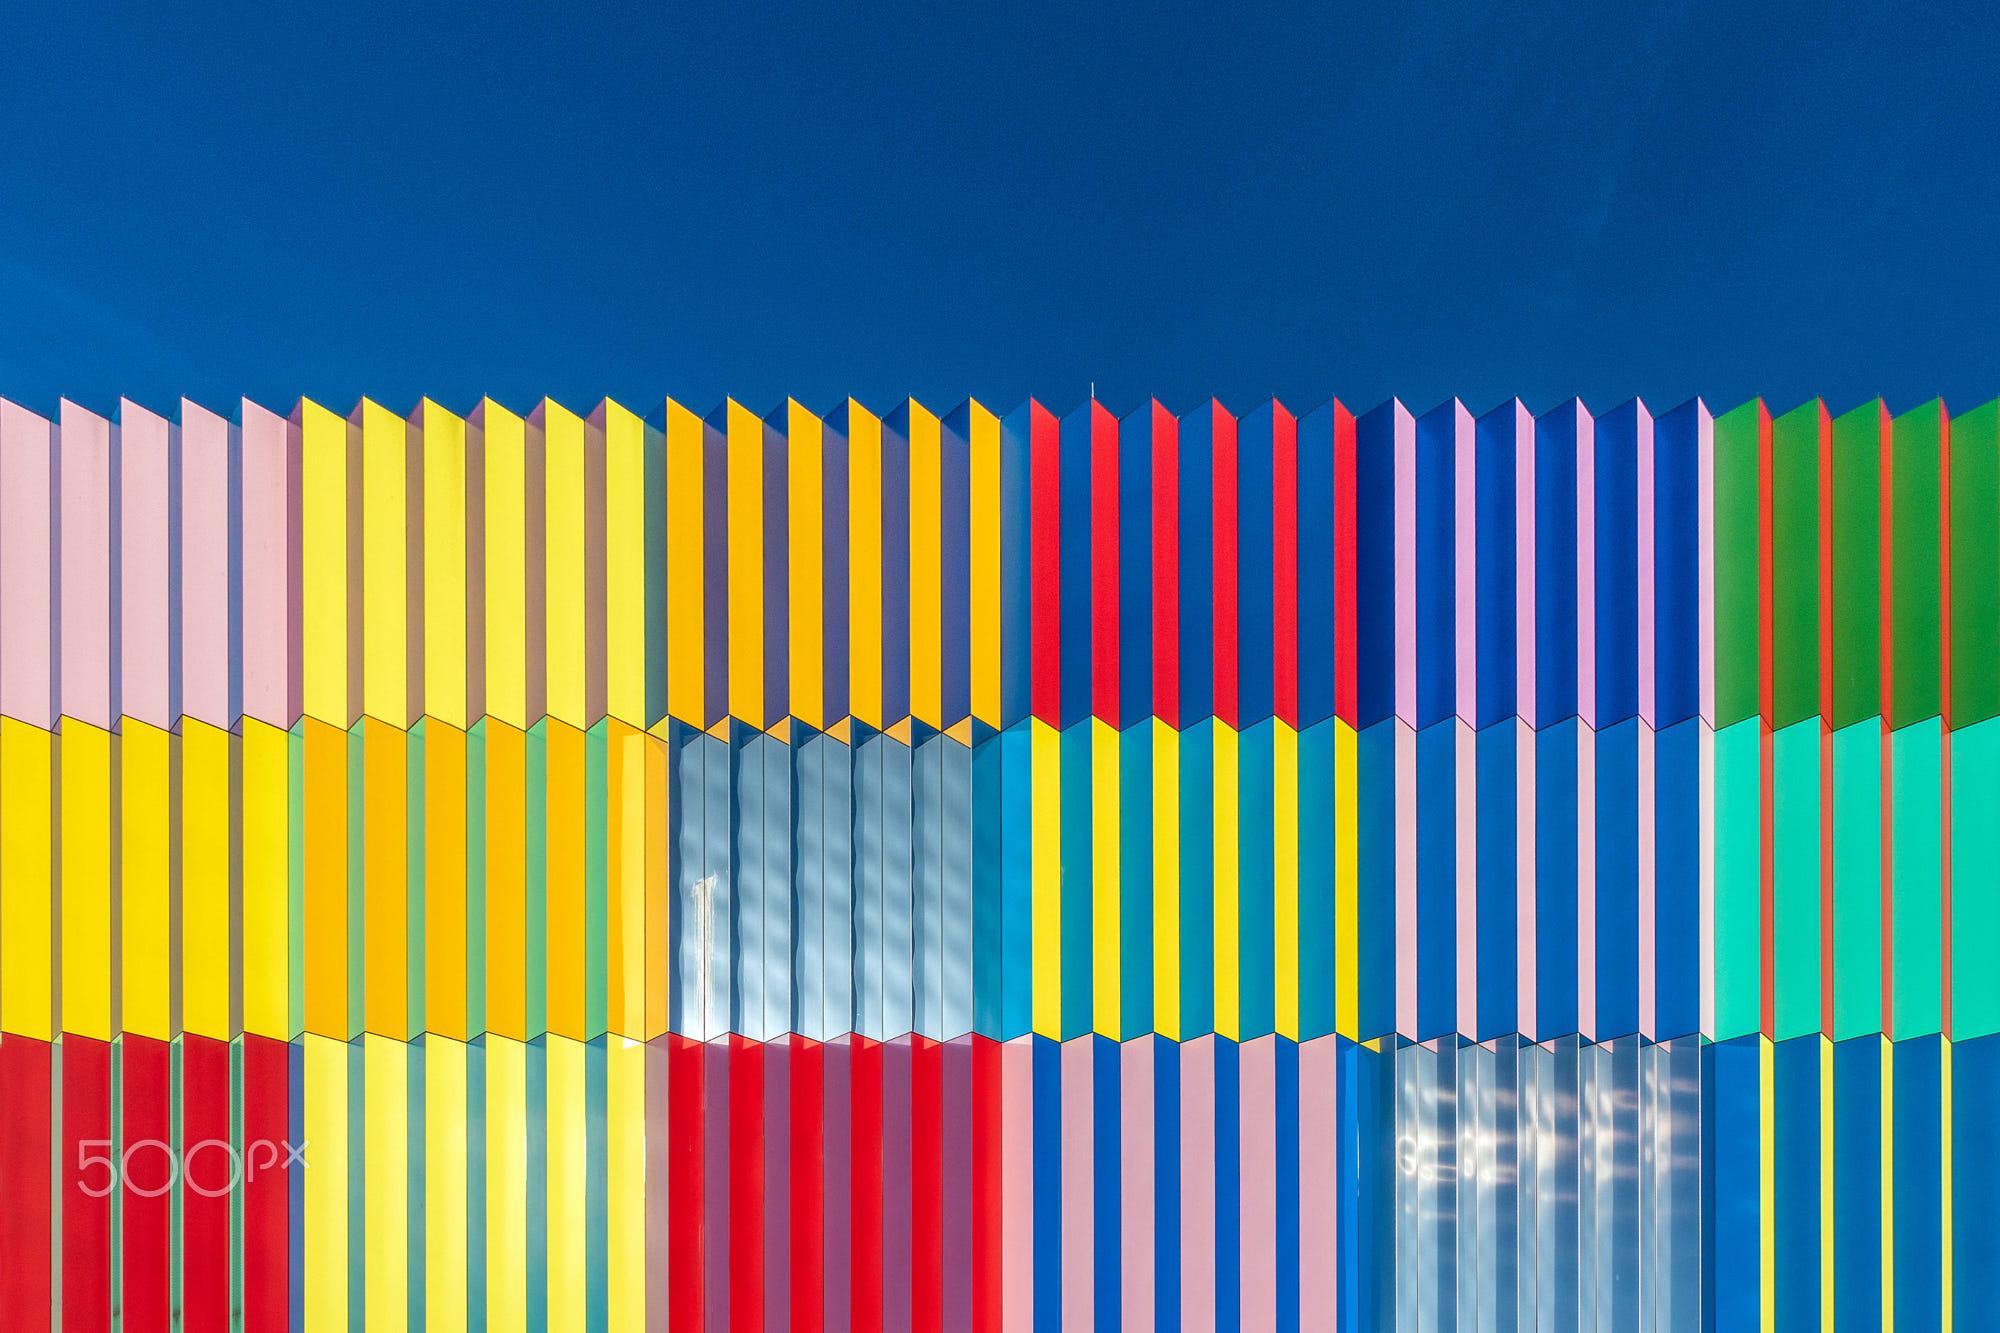 Colour Waves #5